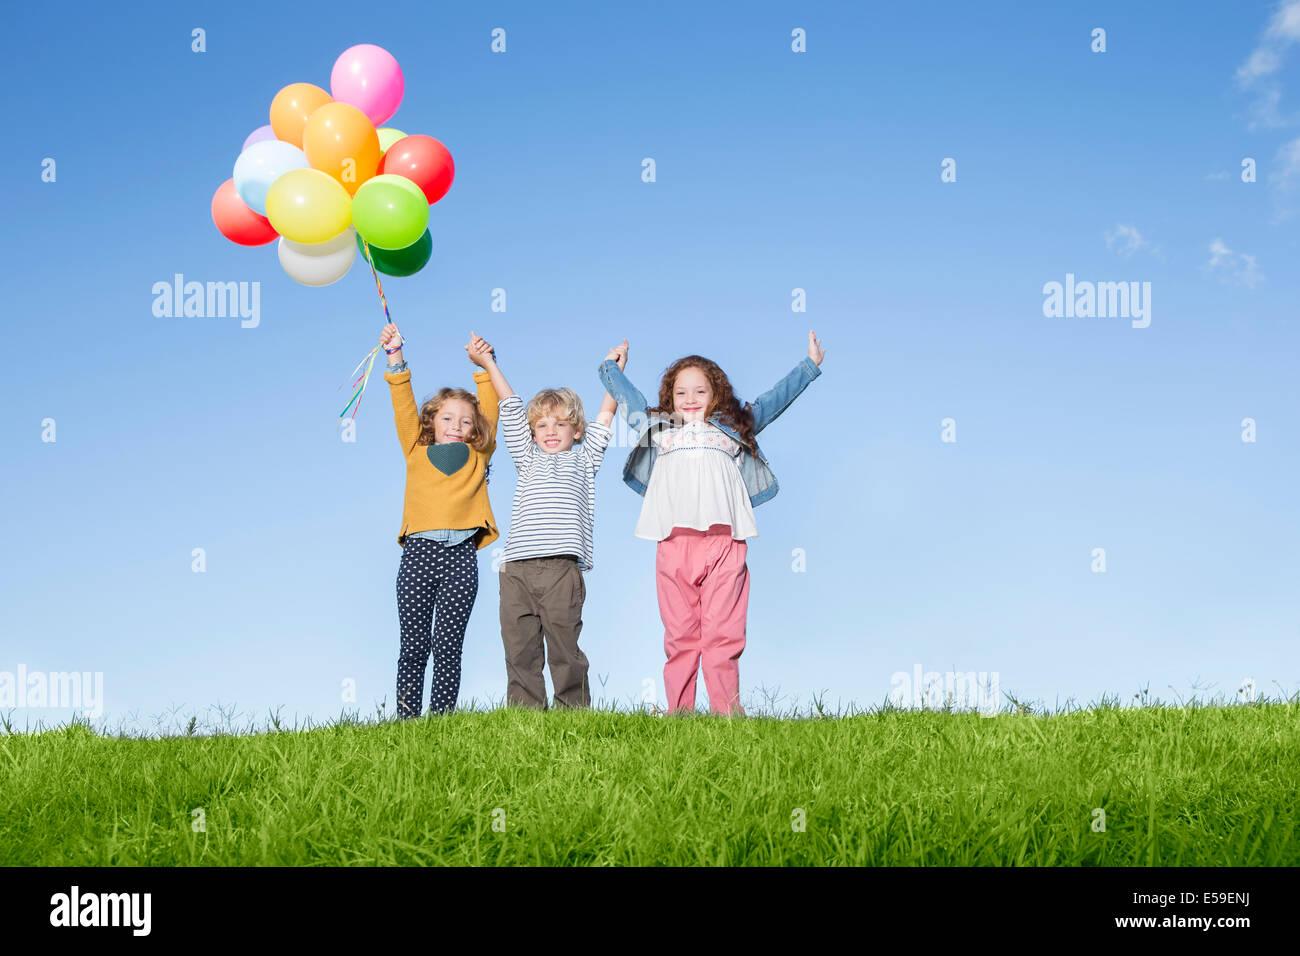 Los niños con globos vítores en grassy hill Imagen De Stock